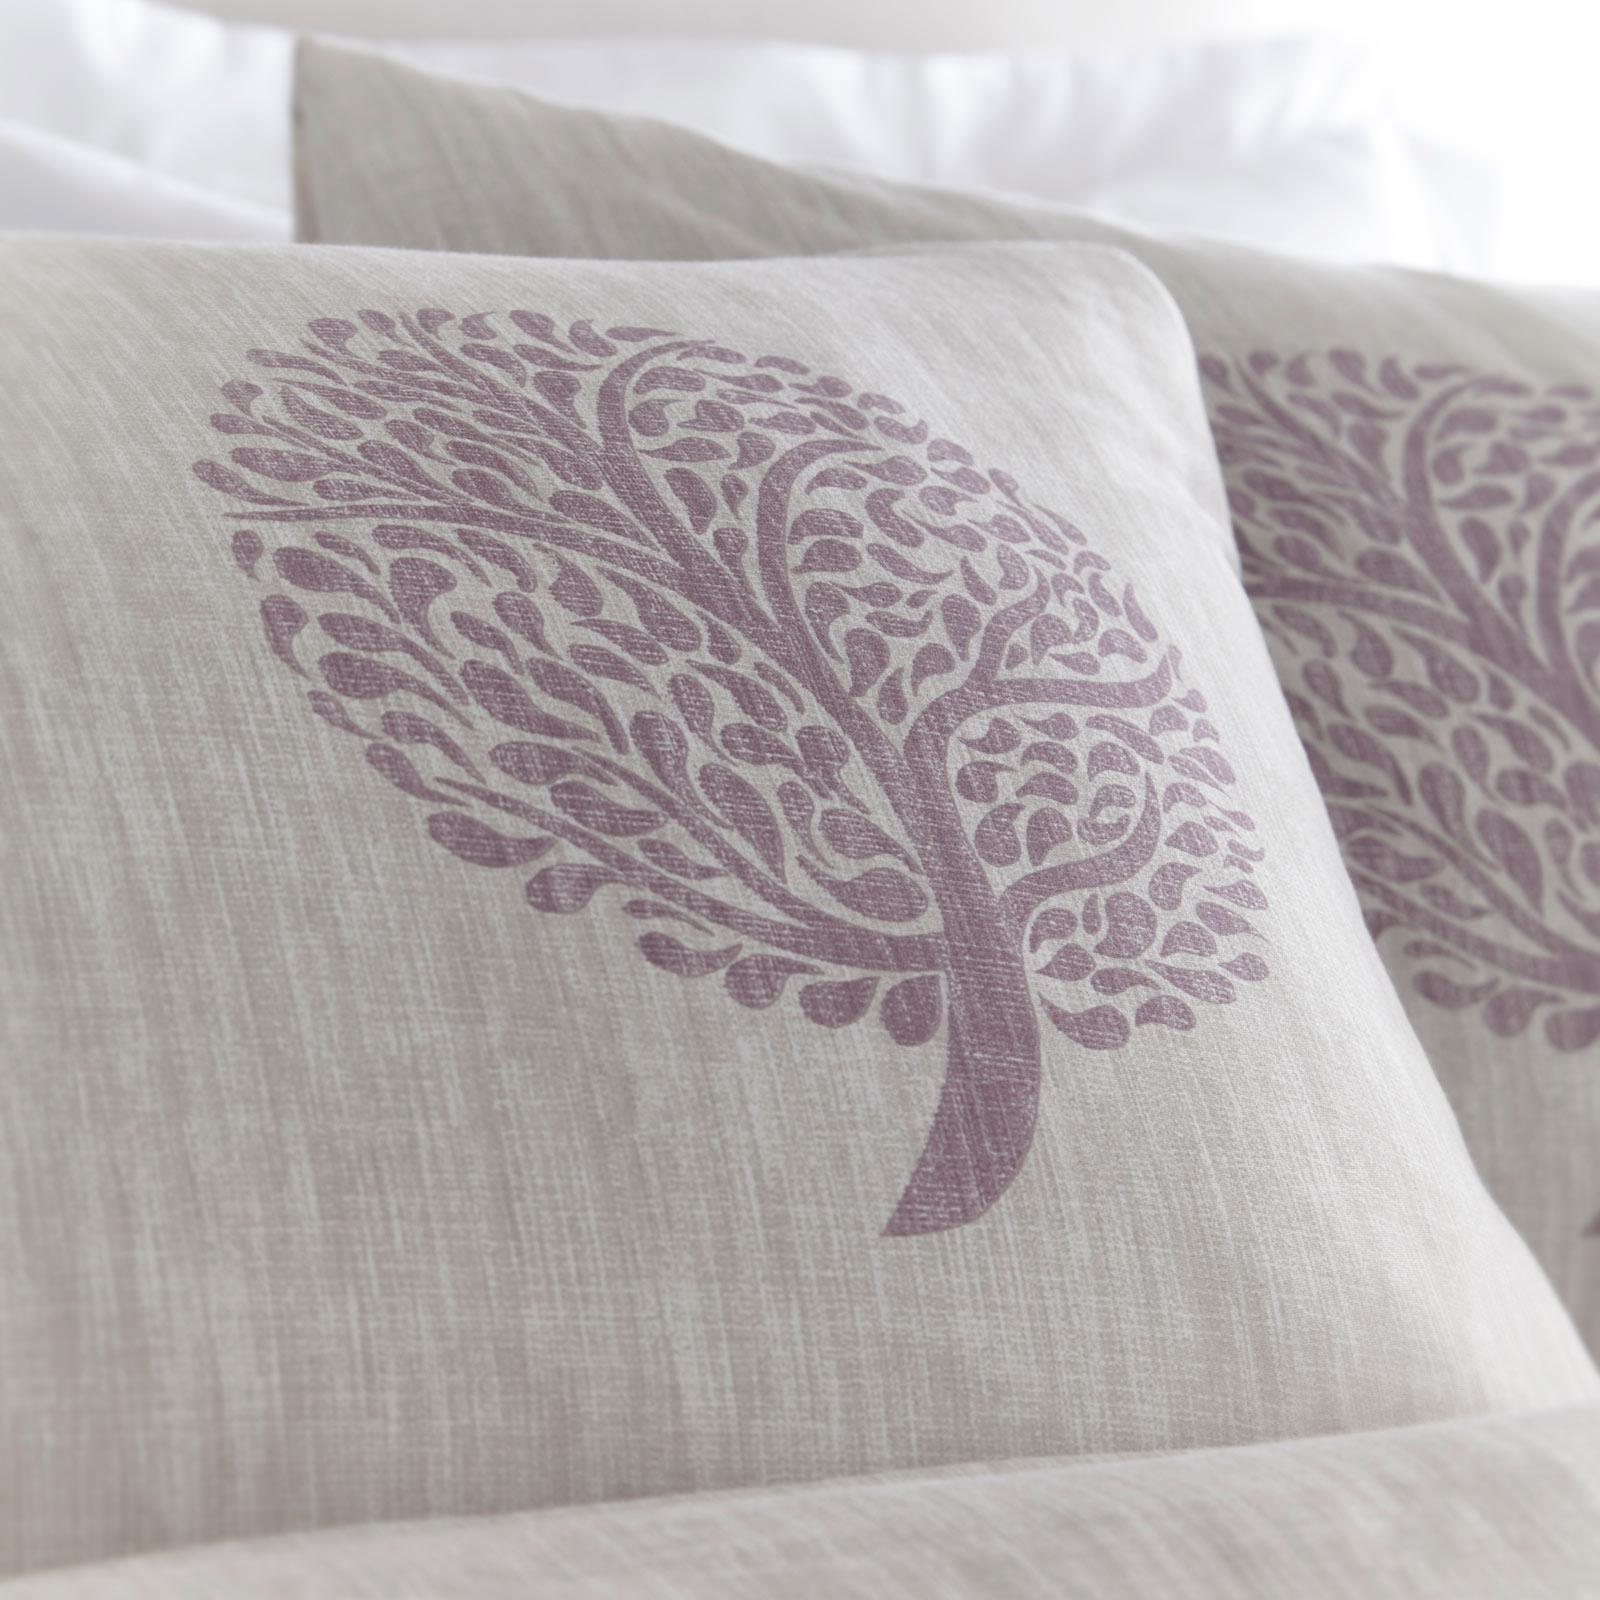 Violet housses de couette arbre Imprimer coton DE 200 fils avec Housse de couette Ensembles De Literie